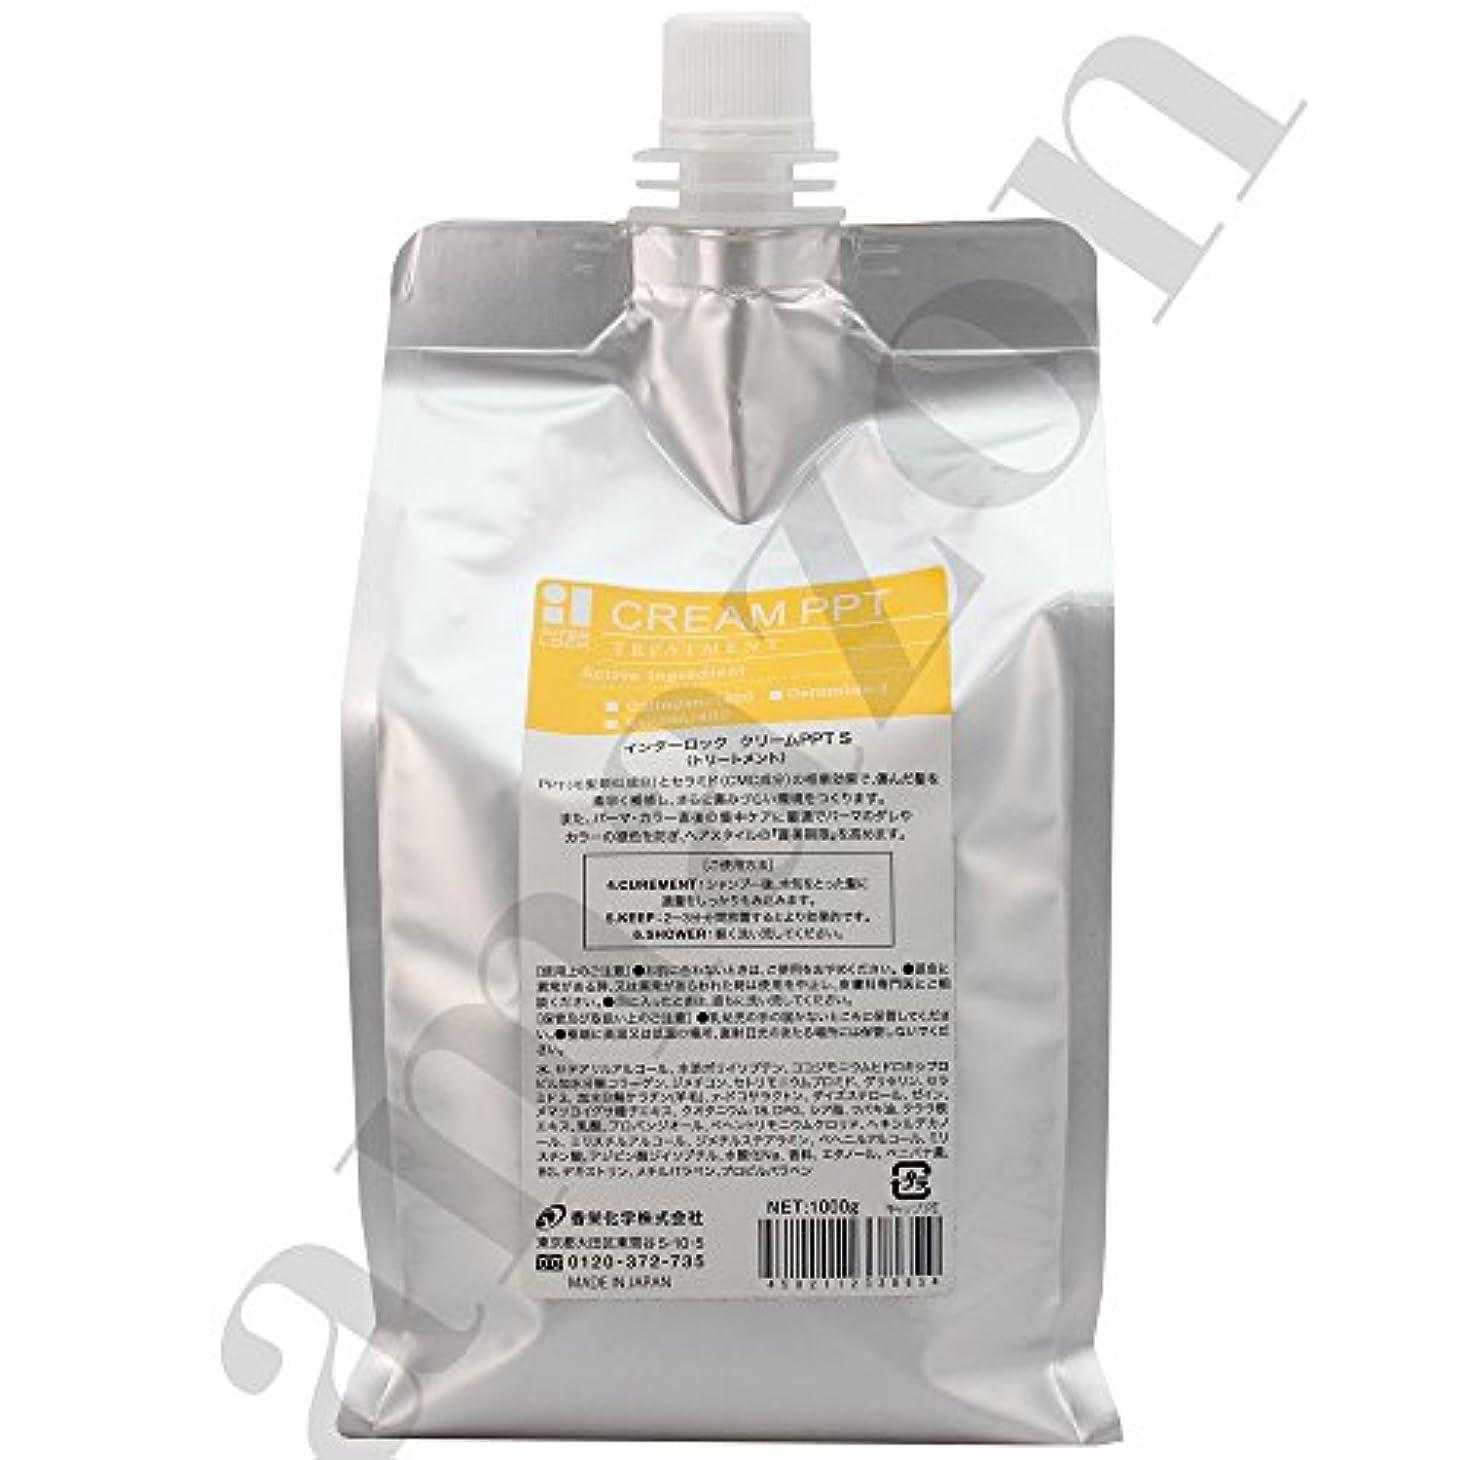 花瓶唇移民香栄化学 インターロック クリームPPT S レフィル 1000g